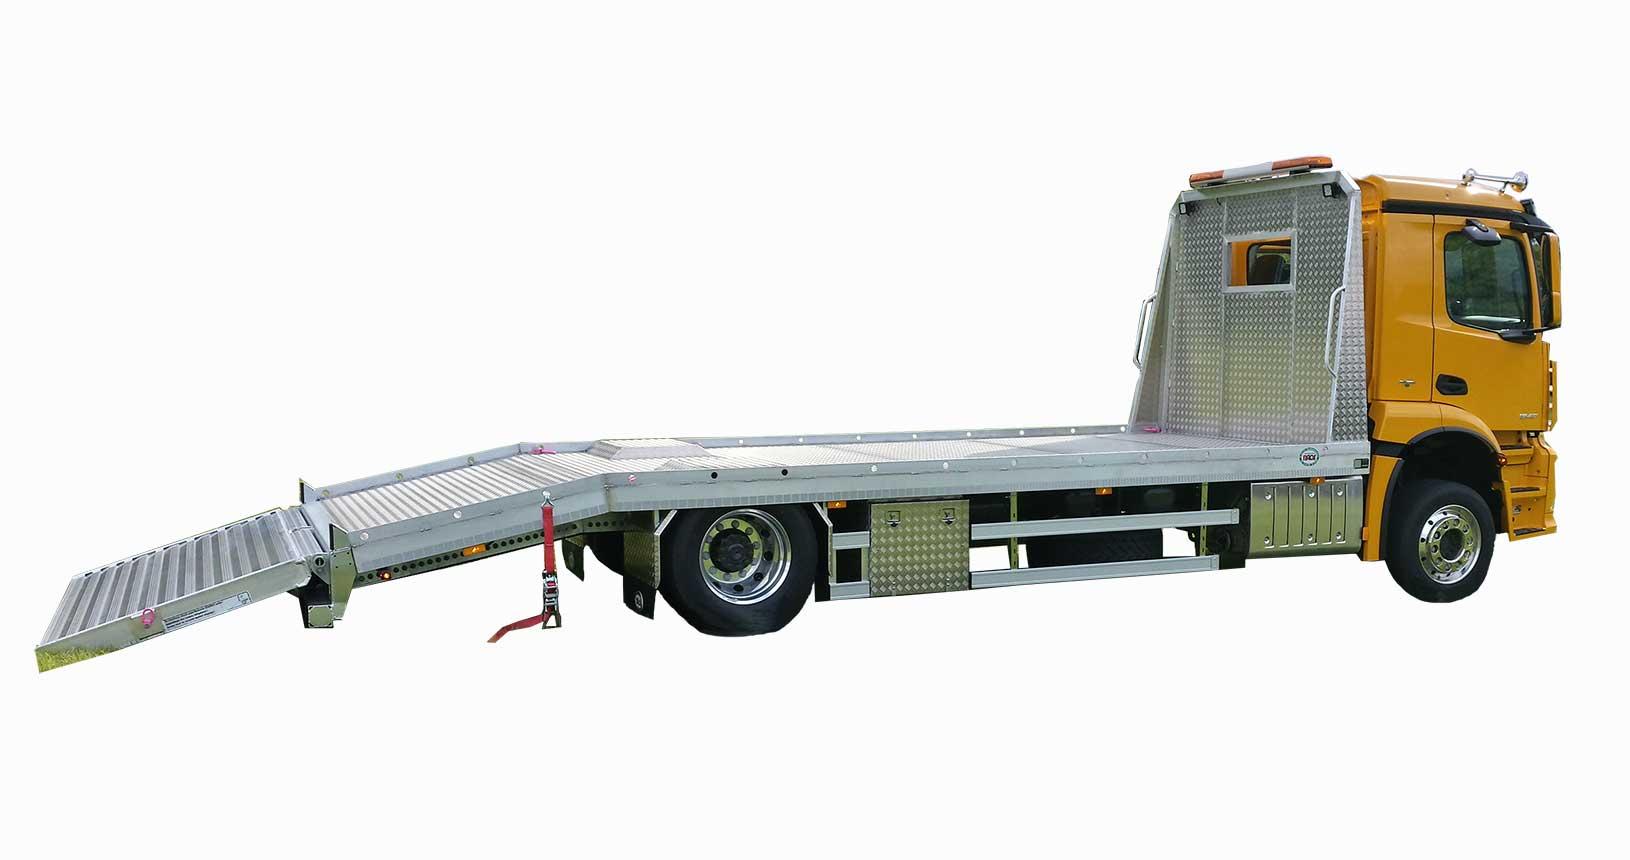 LKW Aufbau Einteillige Heckklappe für mehrspurige Fahrzeuge